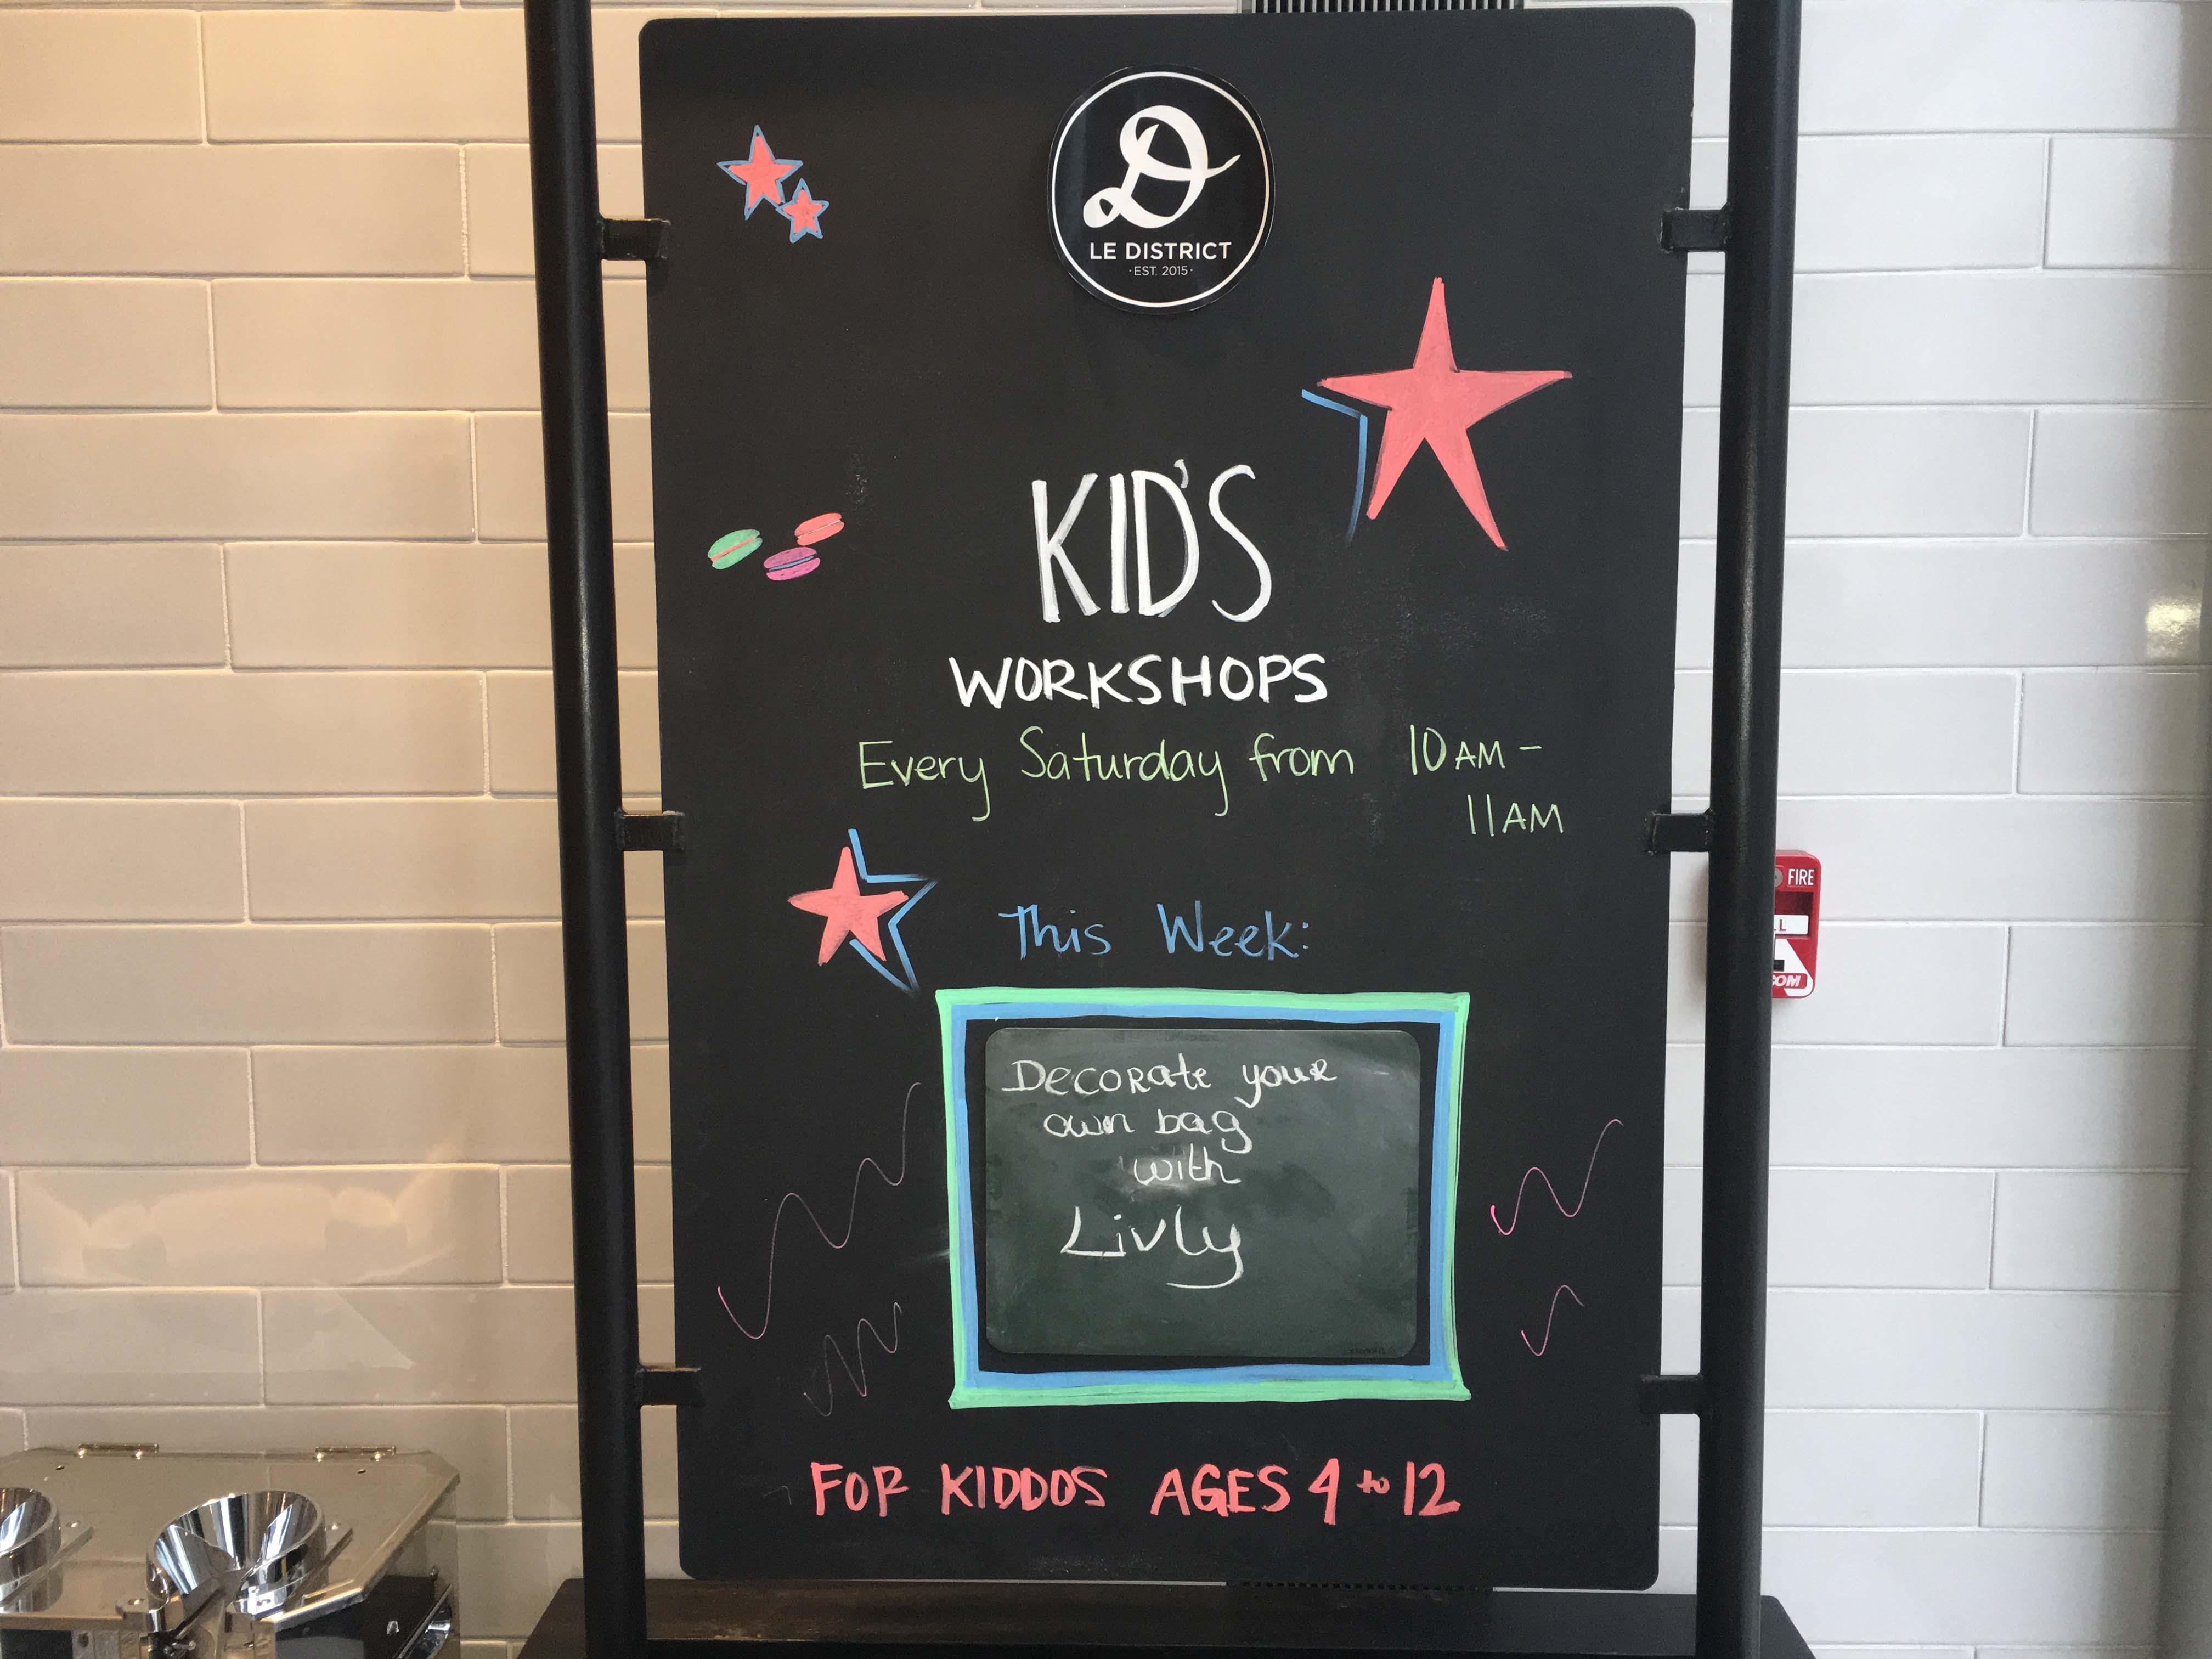 Le District kids workshops